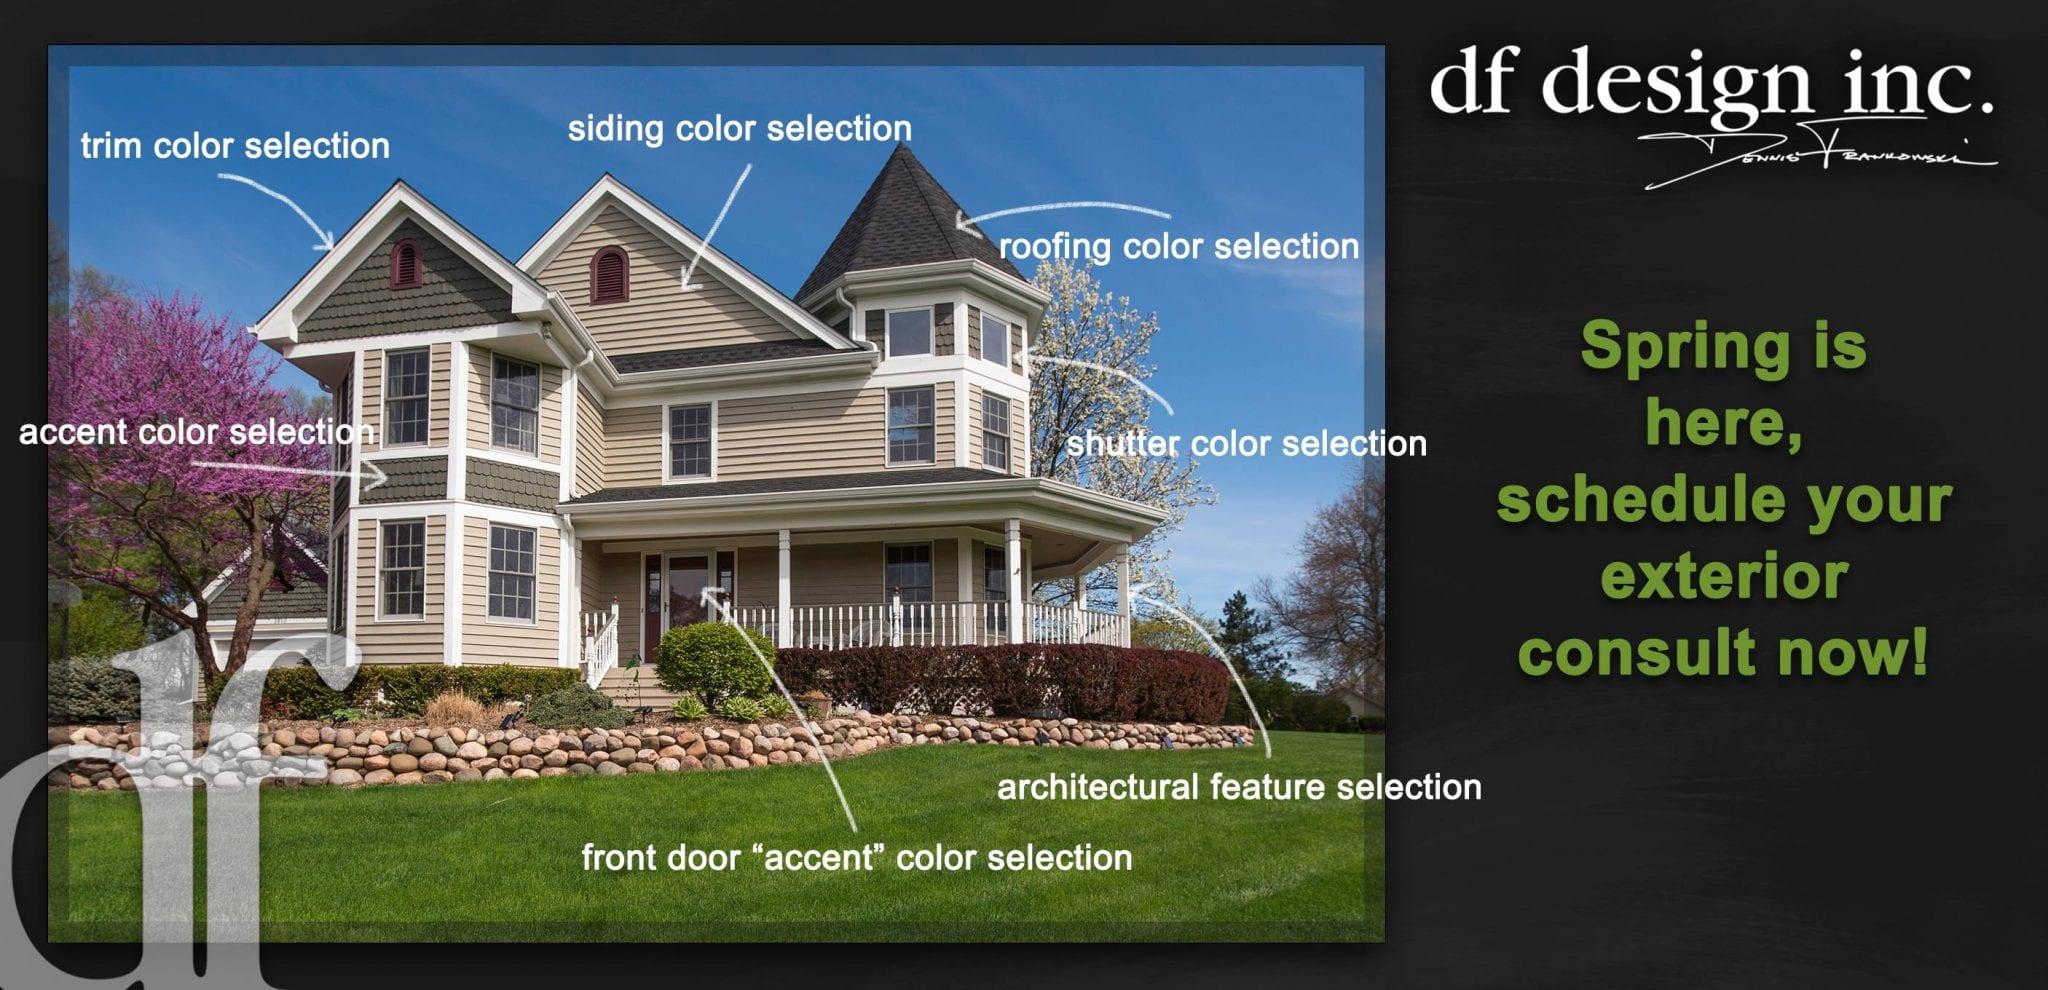 Exterior Painting Consultation | Exterior Home Renovation Design